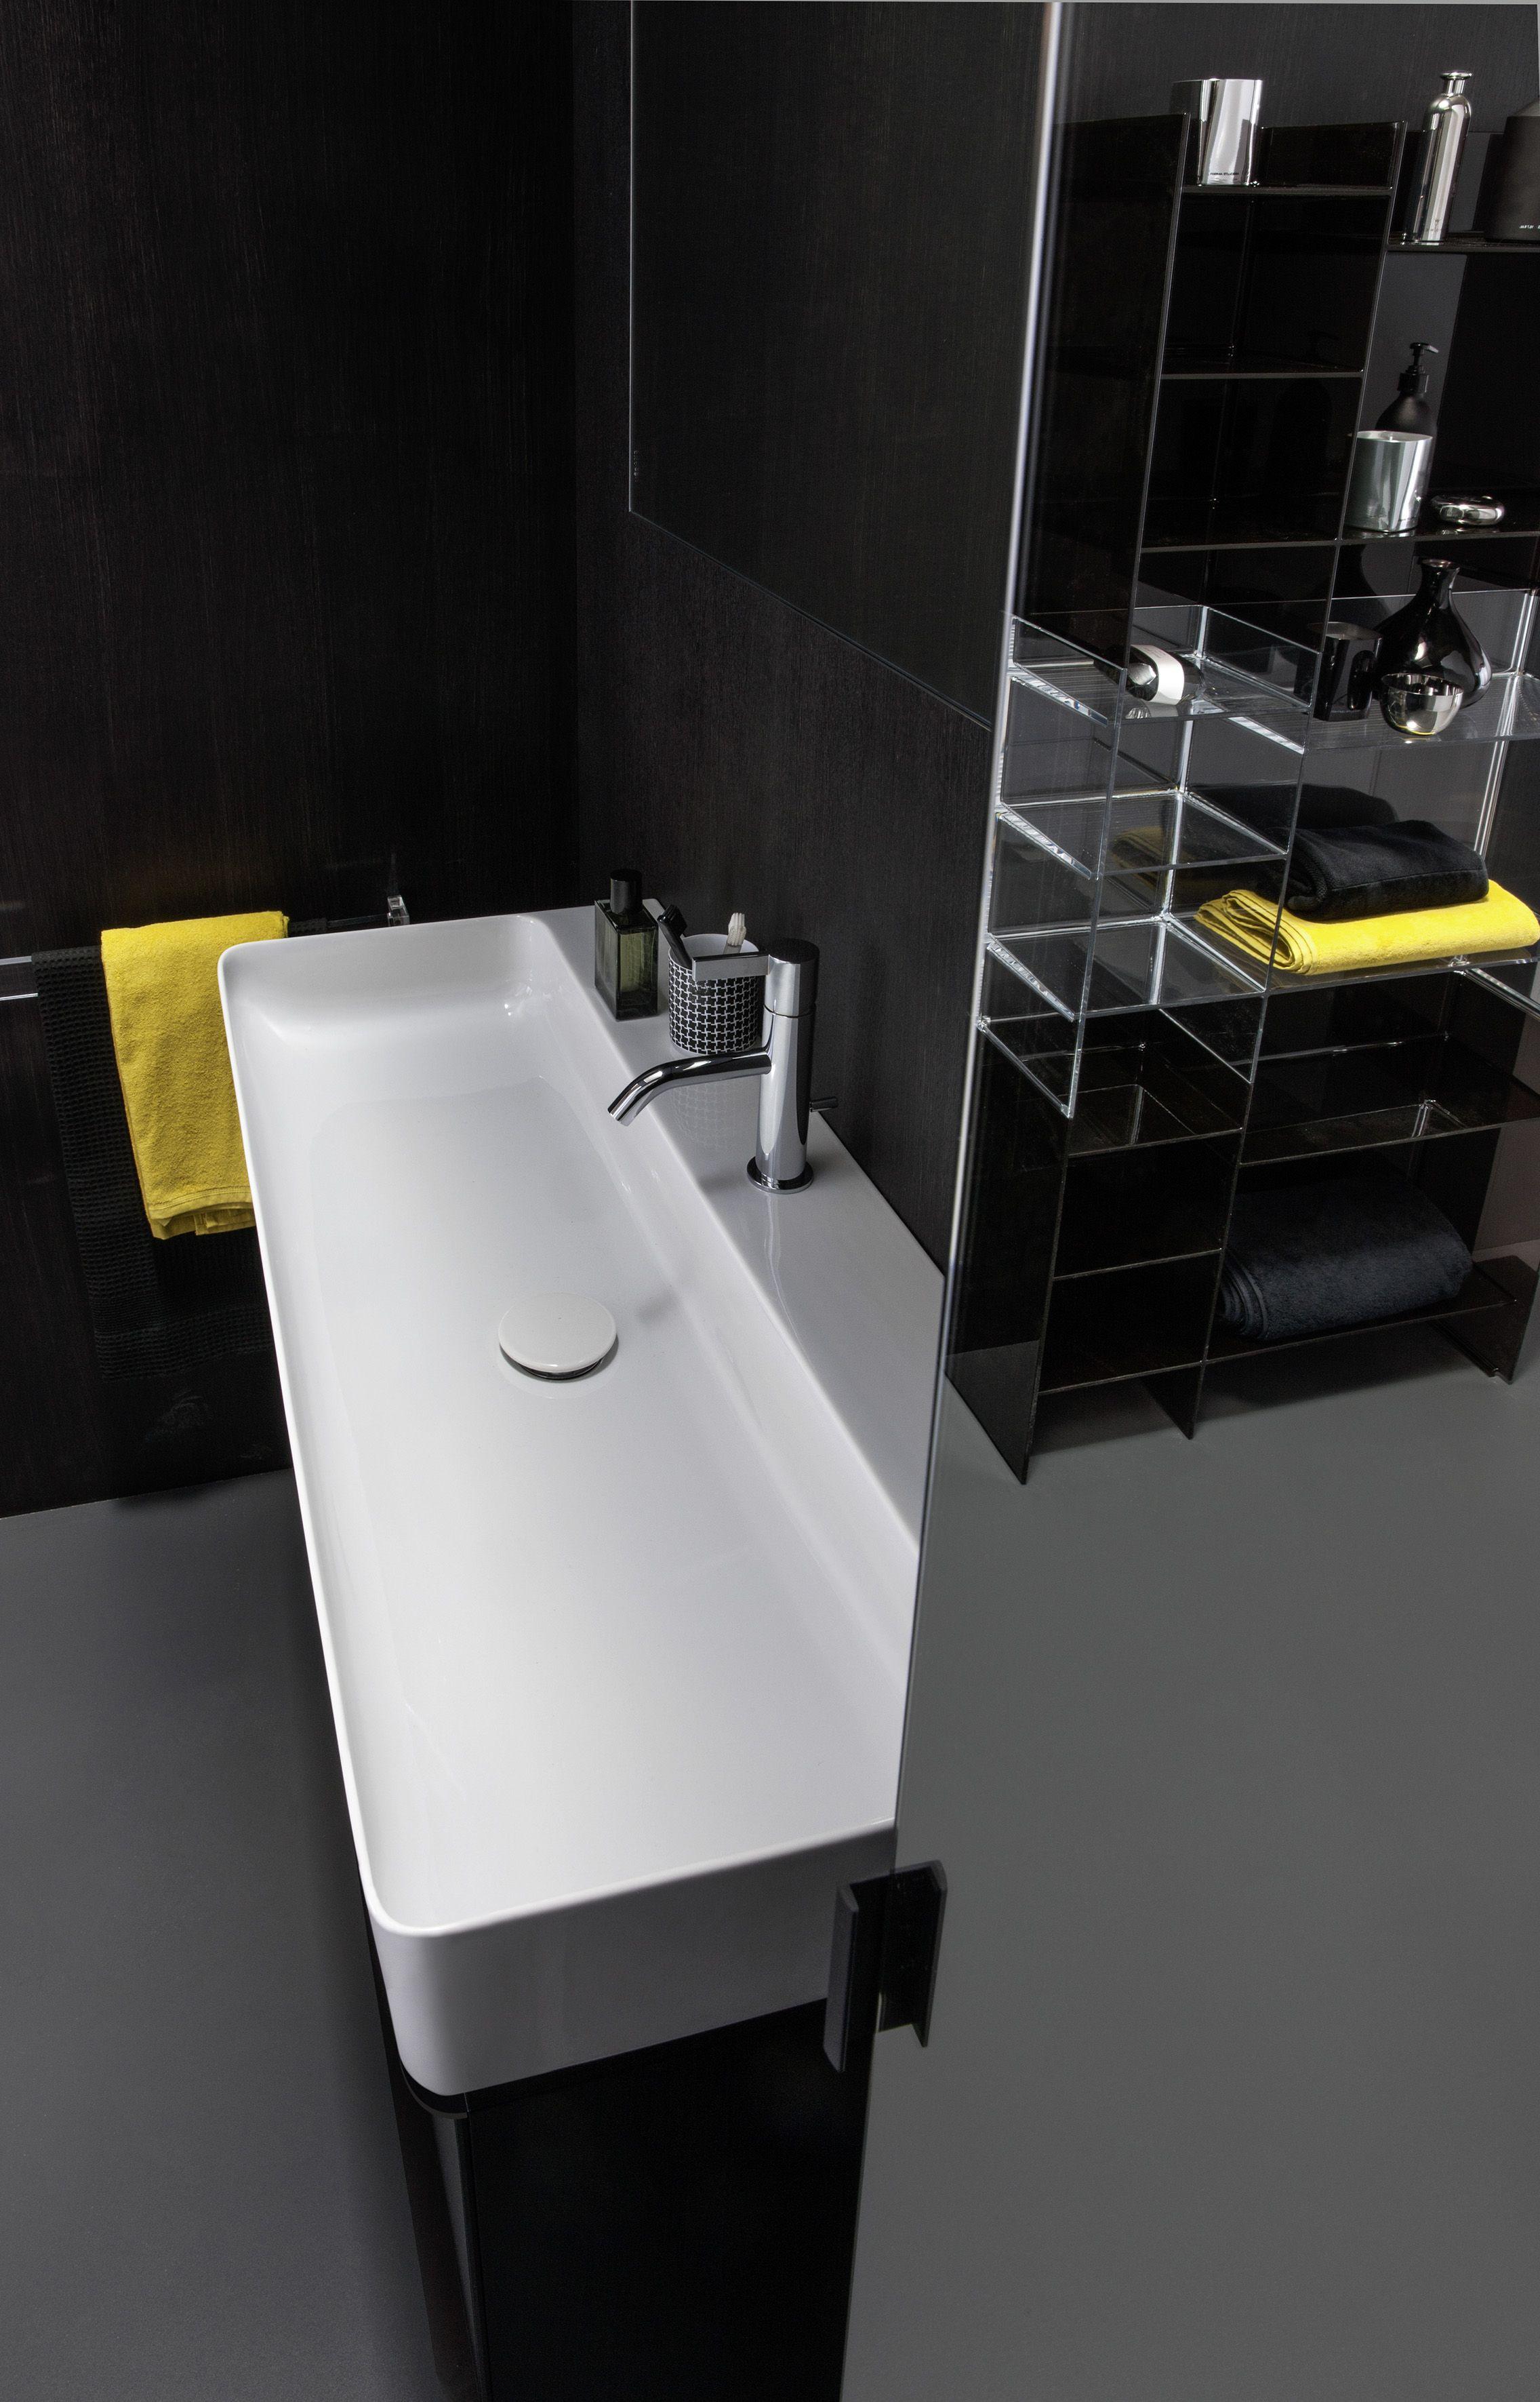 laufen ultra slim 2015 | bath room | pinterest | produkte, luxus, Badezimmer